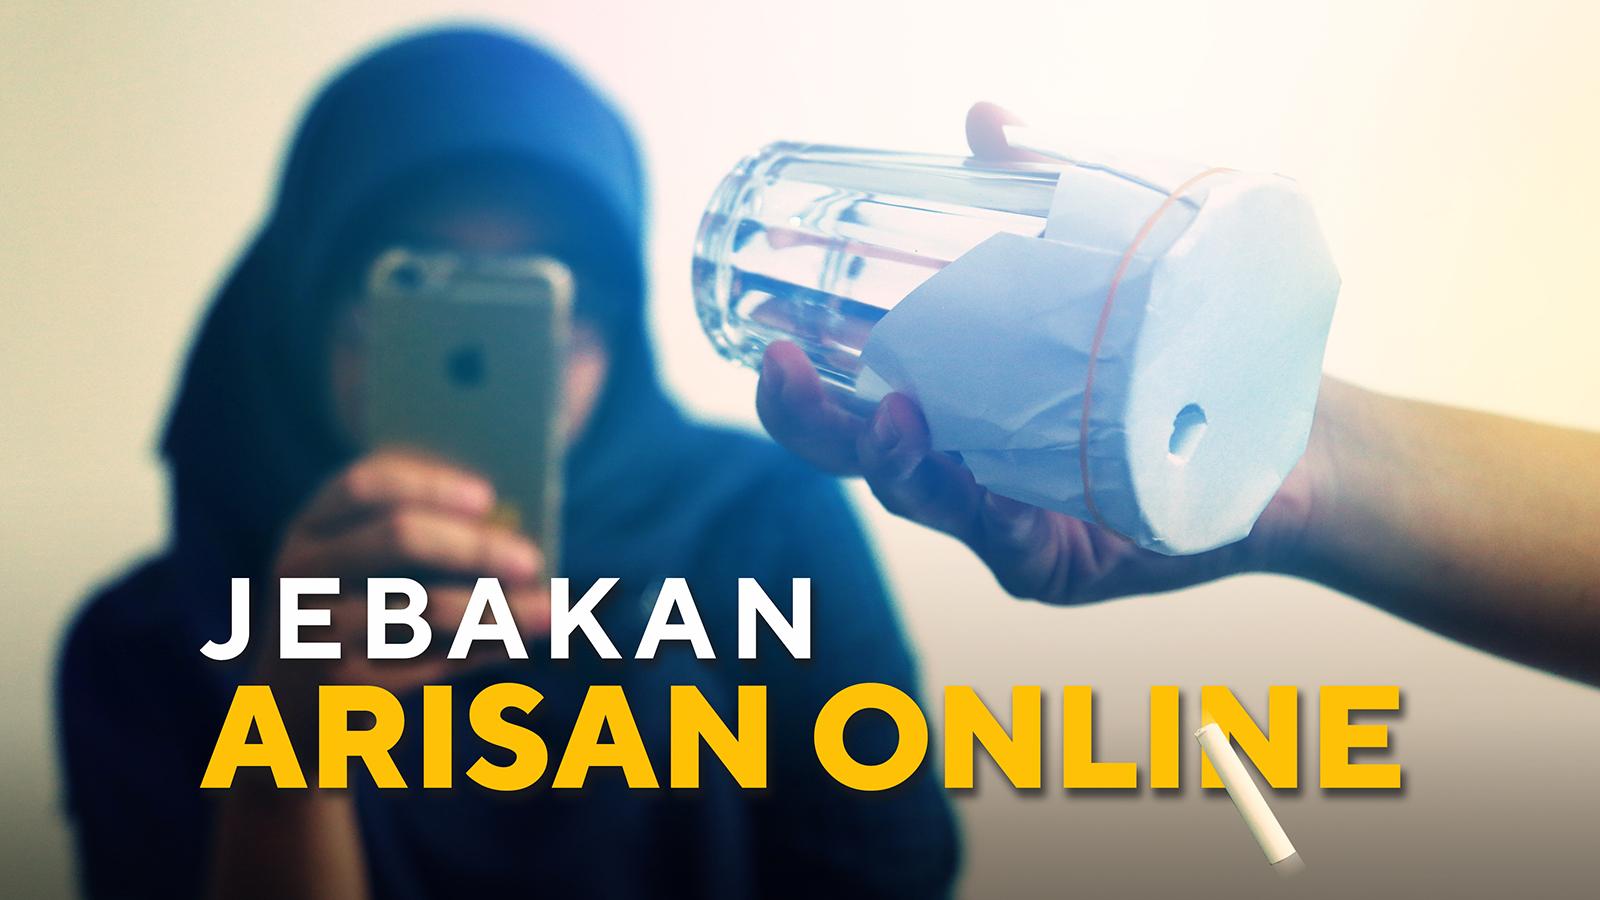 Batal Nikah karena Tertipu Rp 260 Juta di Arisan Online